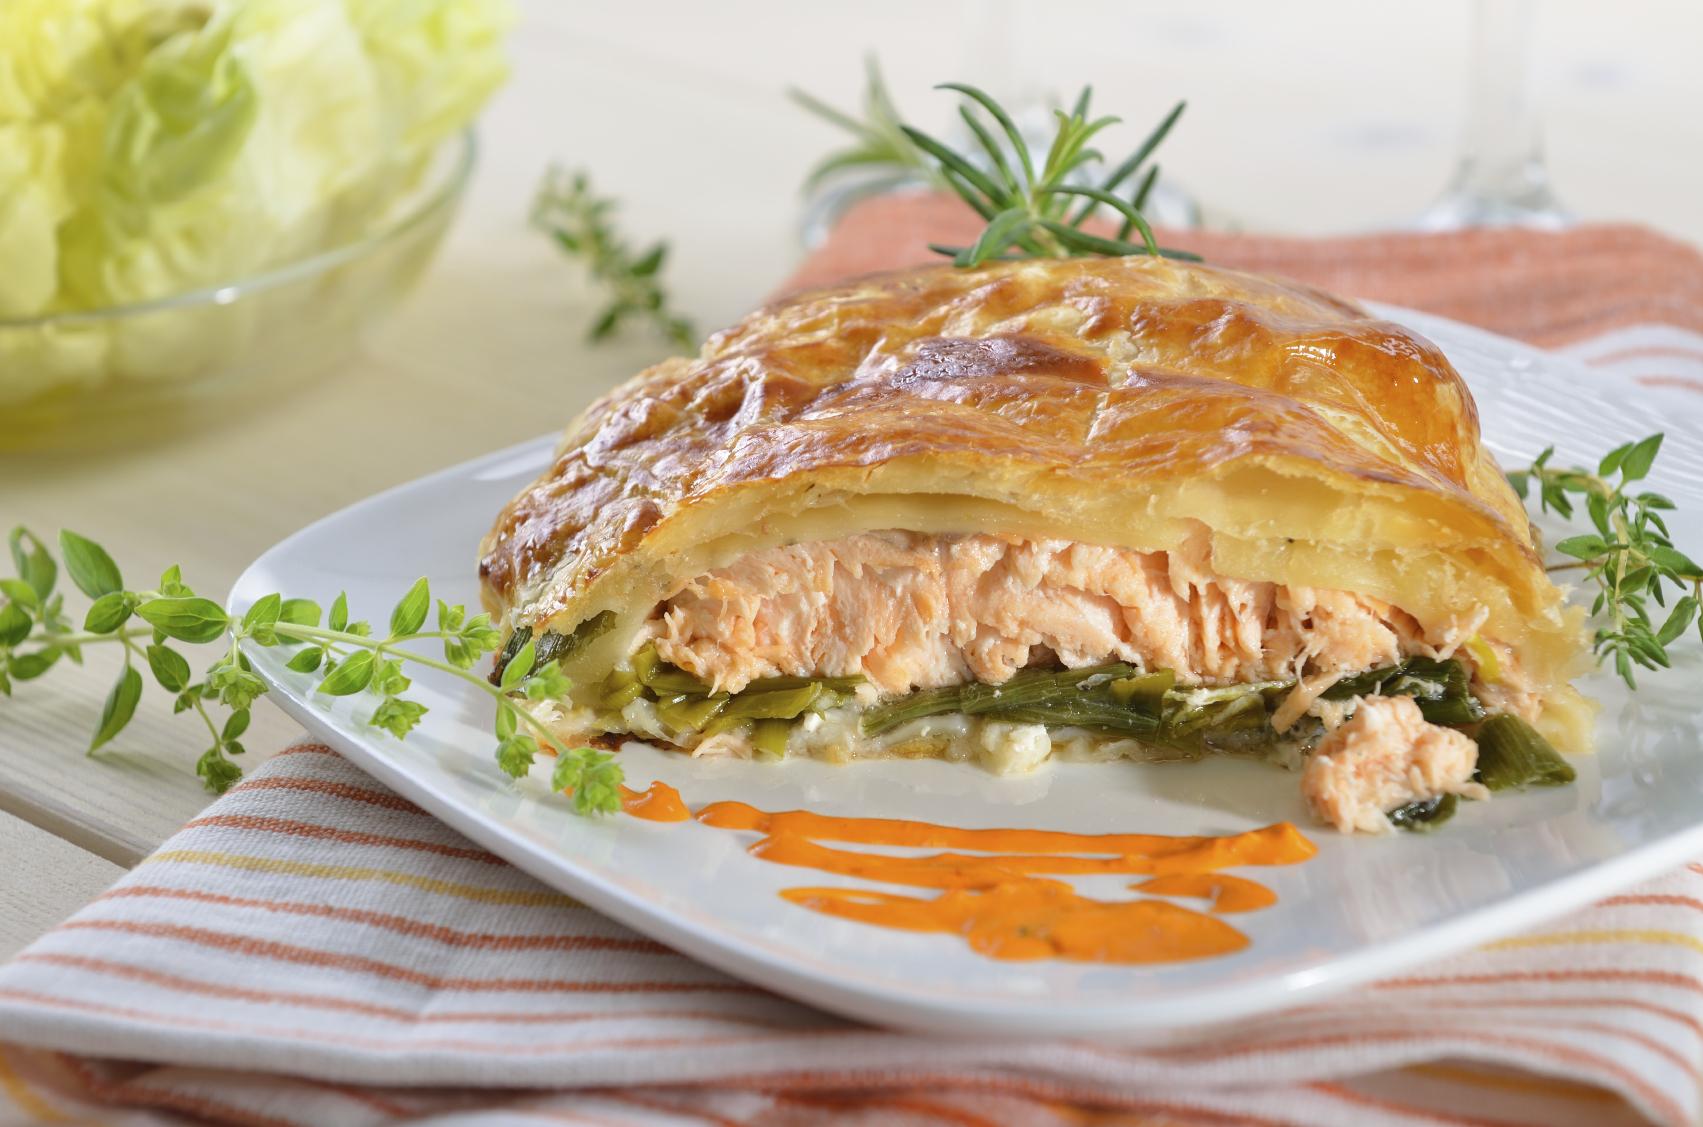 Salmon leek filo pouches Pakketti tal-filo bis-salamun u kurrat